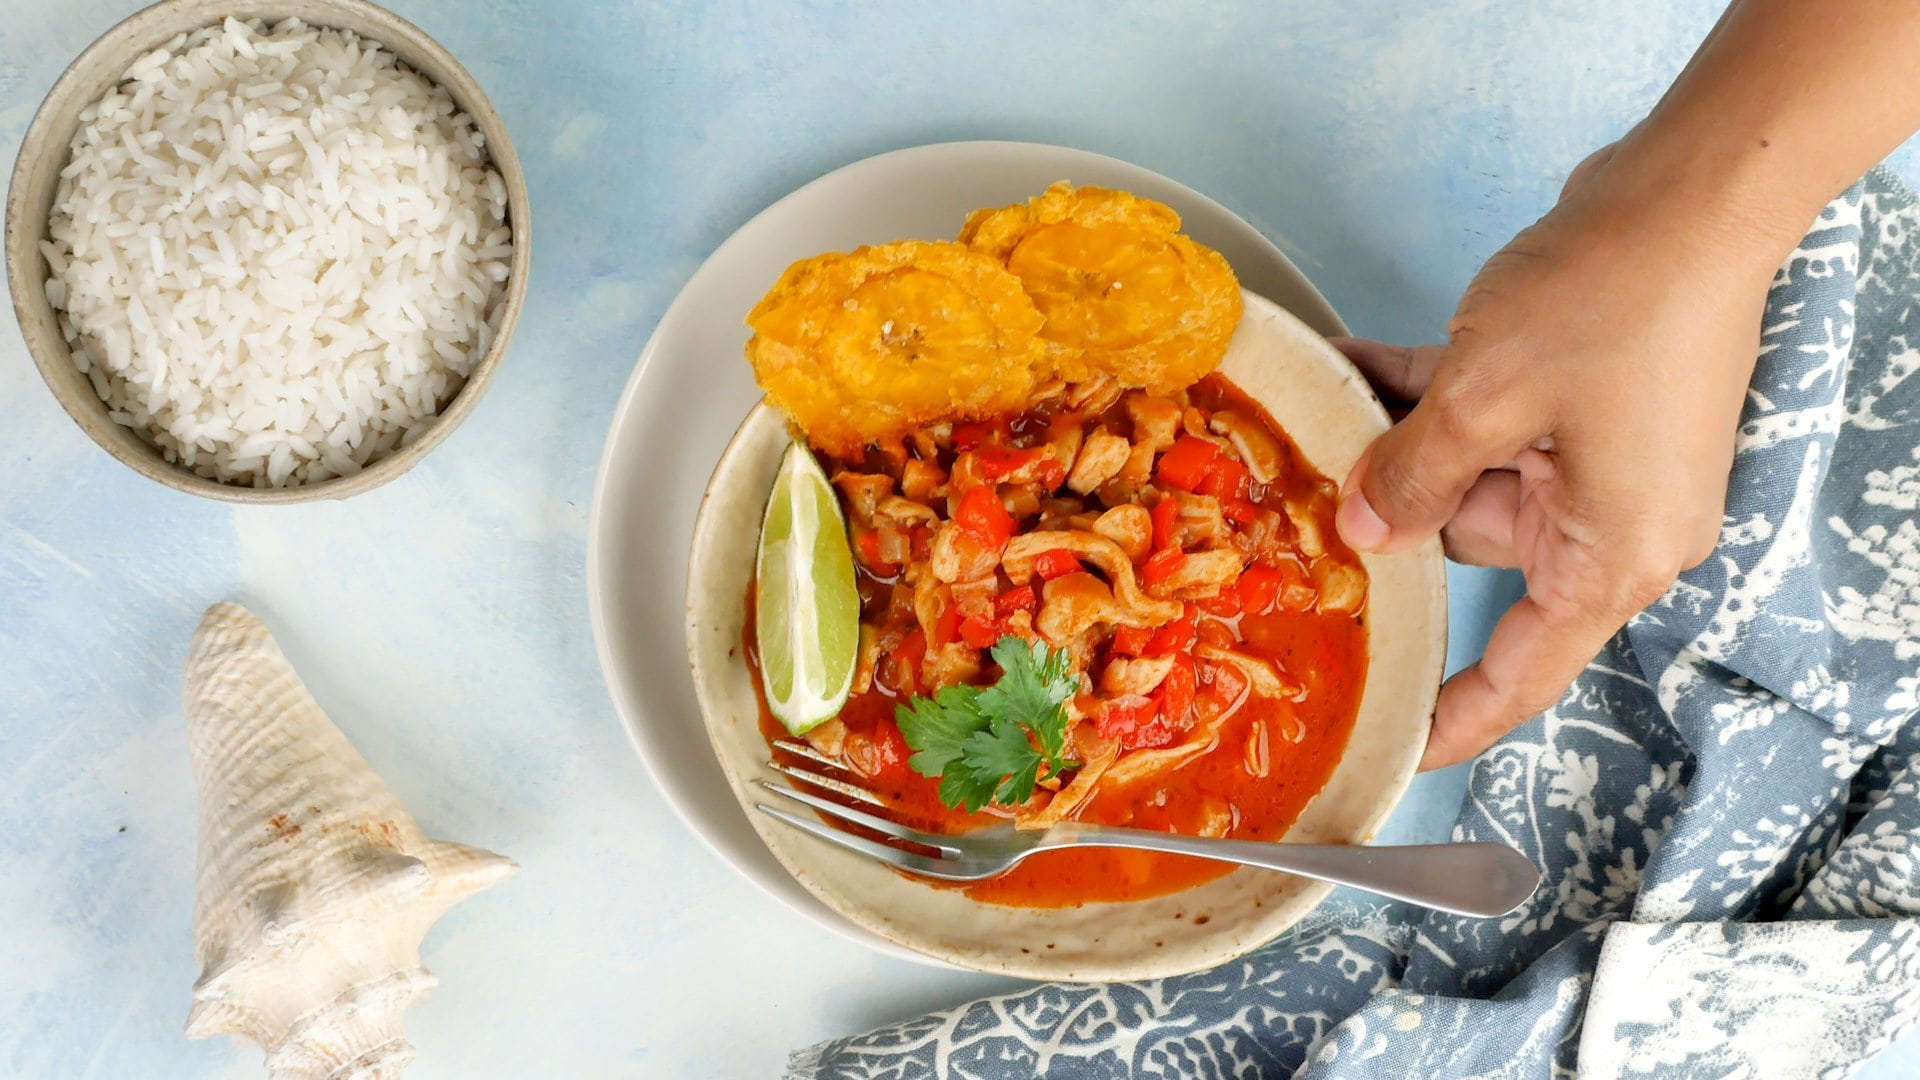 Sirviendo lambi guisaod, mano agarrando el plato